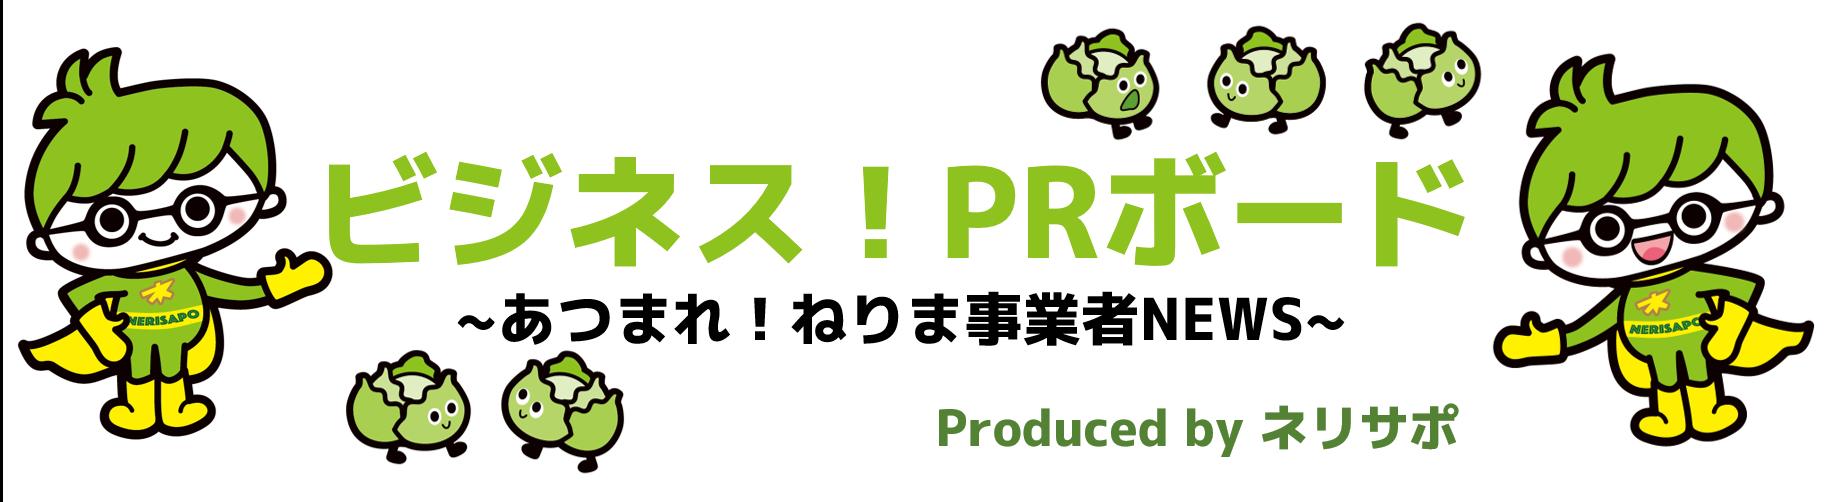 ビジネス!PRボード